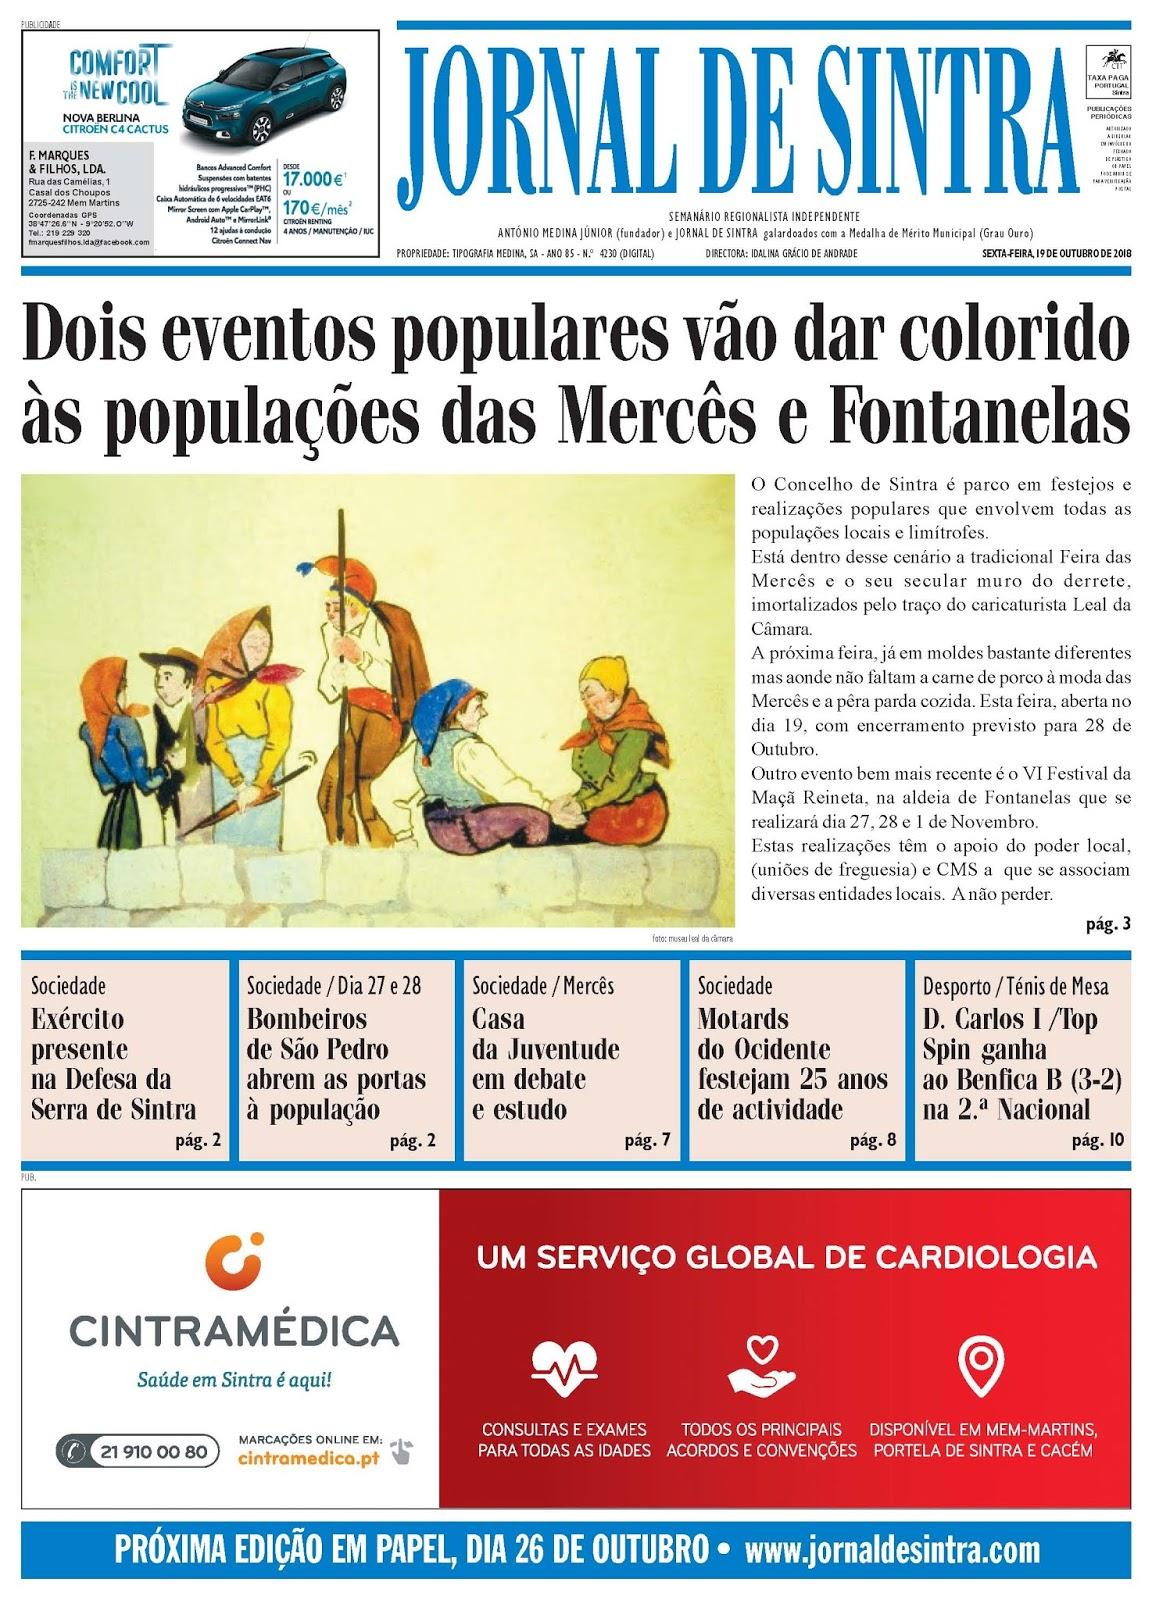 Capa da edição de 19-10-2018